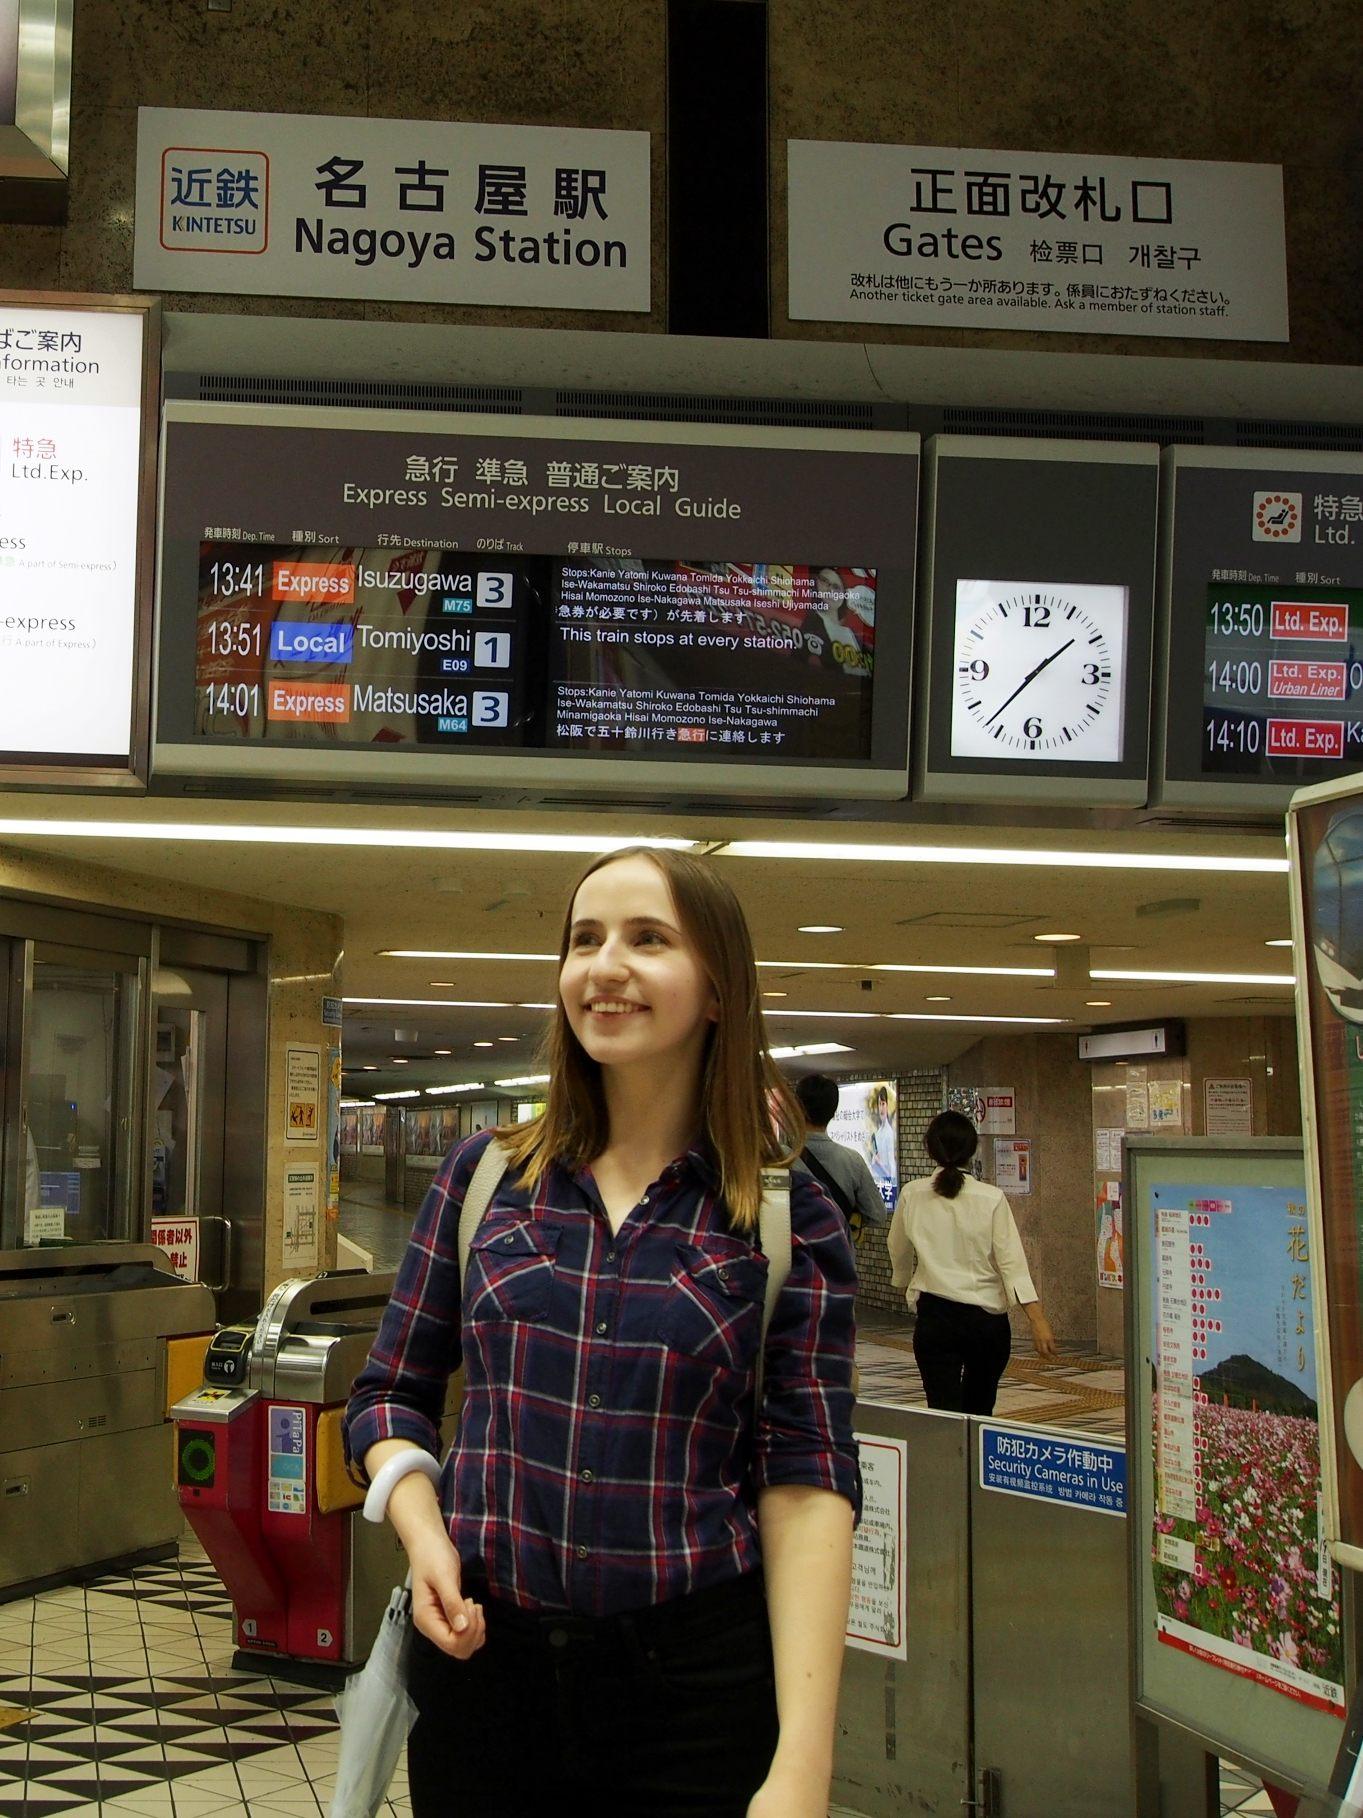 使用KINTETSU RAIL PASS,抵達近鐵「名古屋站」